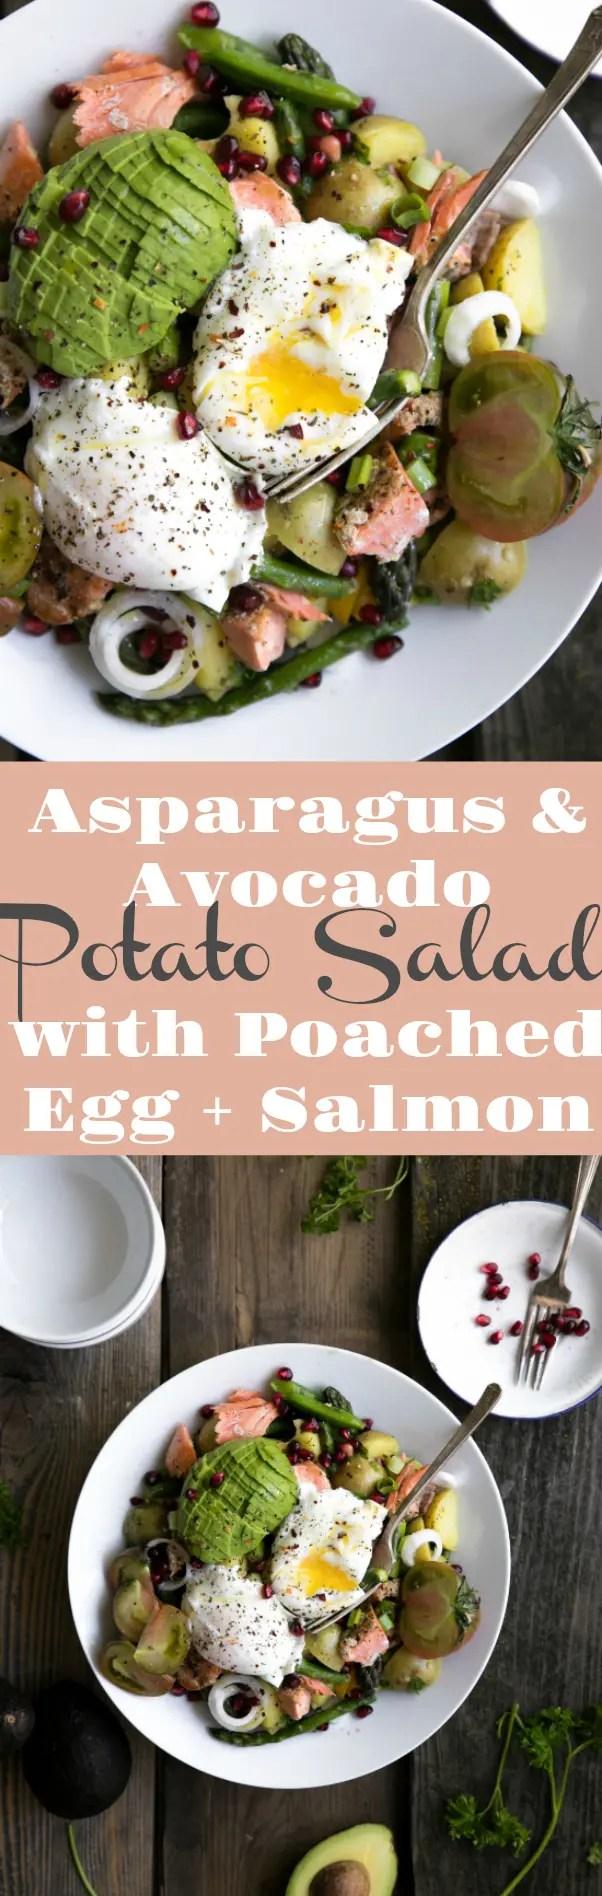 Asparagus and Avocado Potato Salad with Poached Egg and Salmon via @theforkedspoon #salmon #potatosalad #saladrecipe #salmonrecipe #eggs #poachedeggs #asparagus